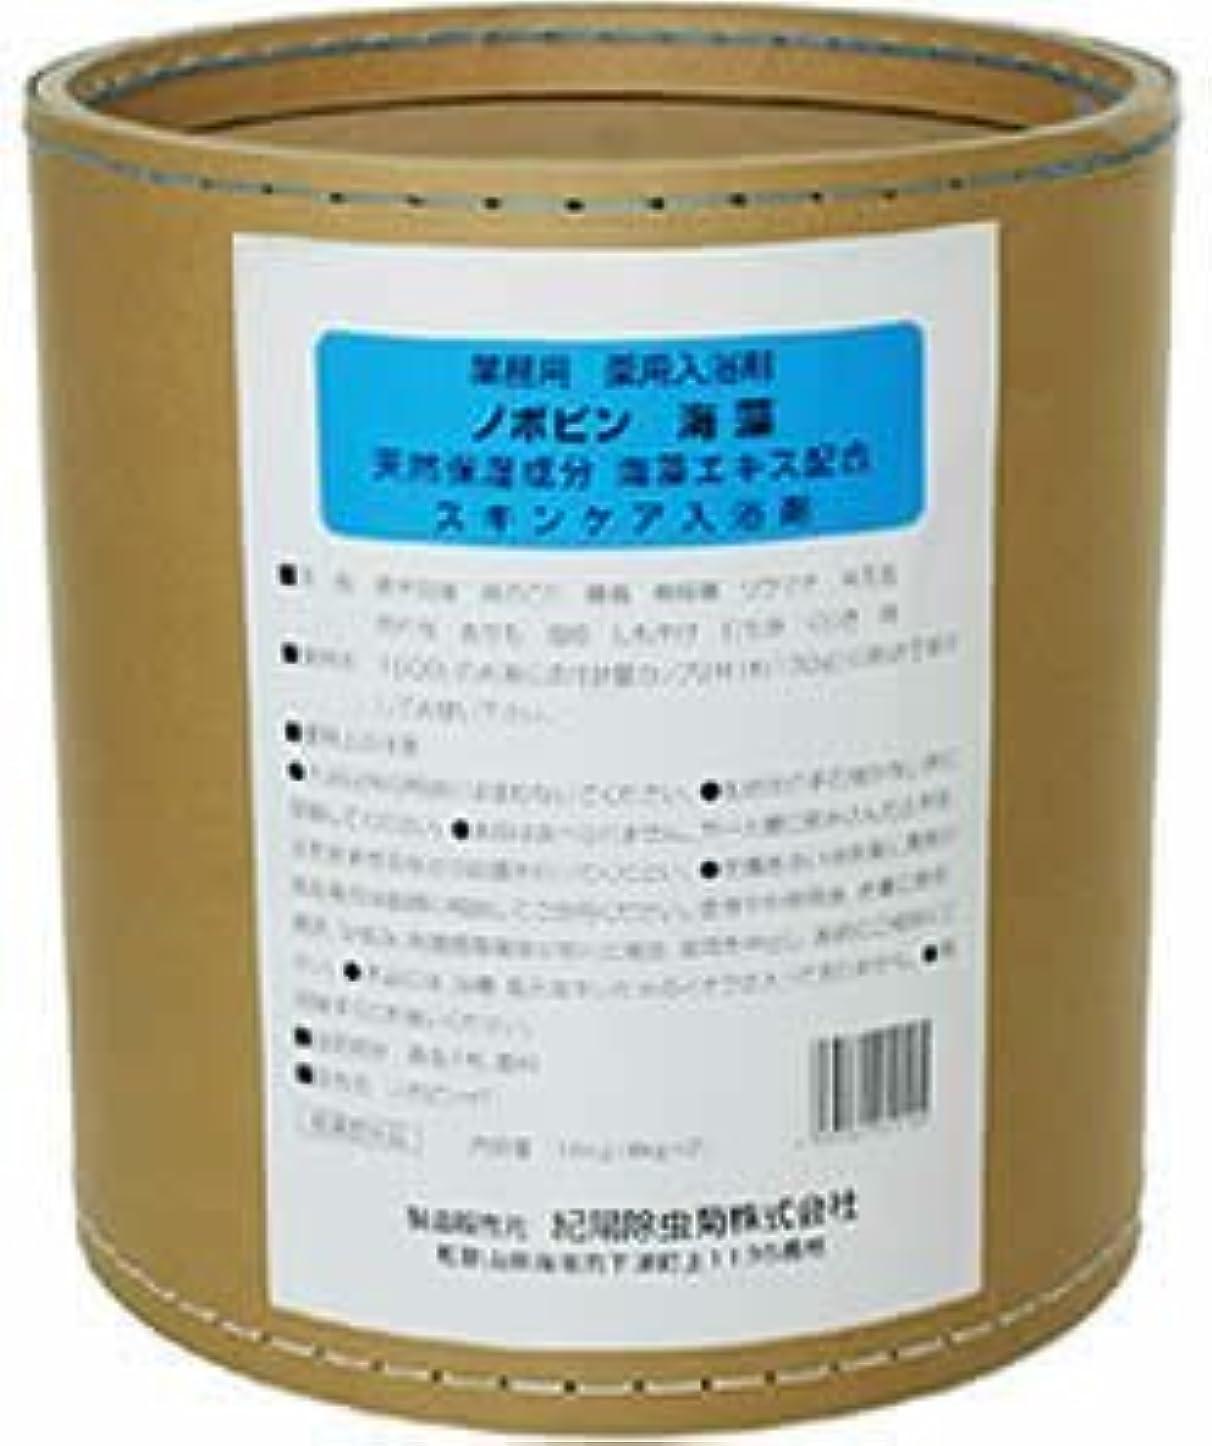 委員会主流治療業務用 入浴剤 ノボピン 海藻 16kg(8kg*2)